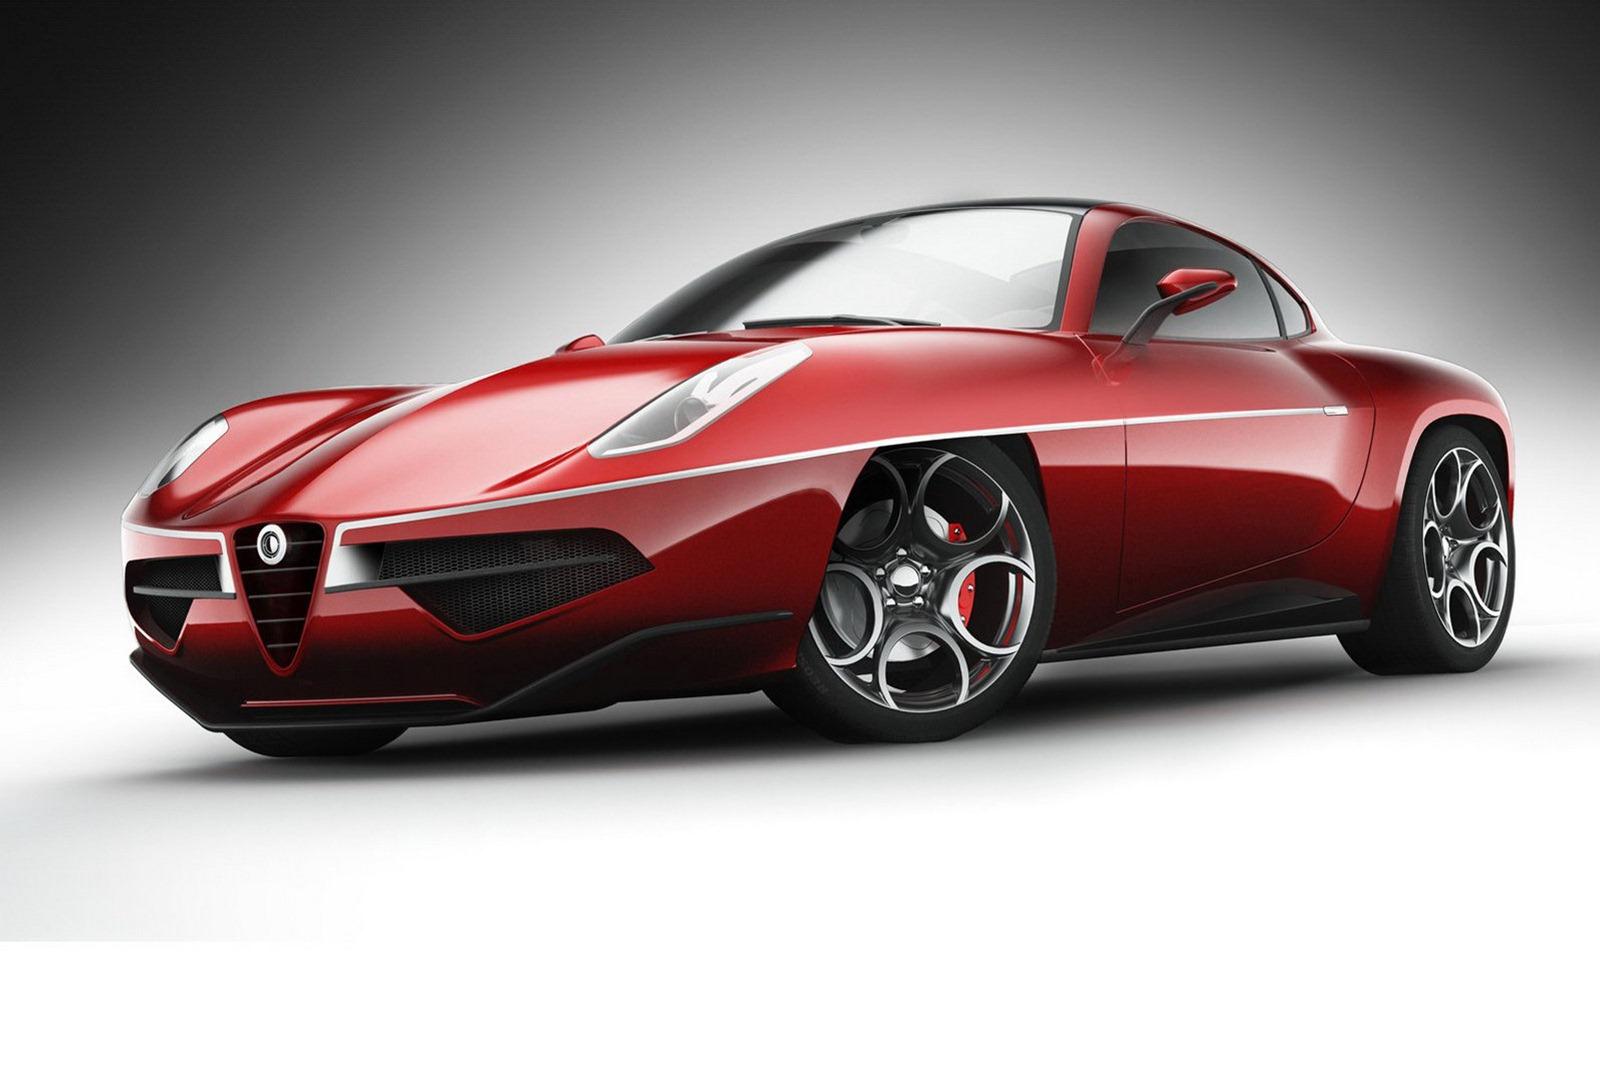 Disco Volante 2012 concept